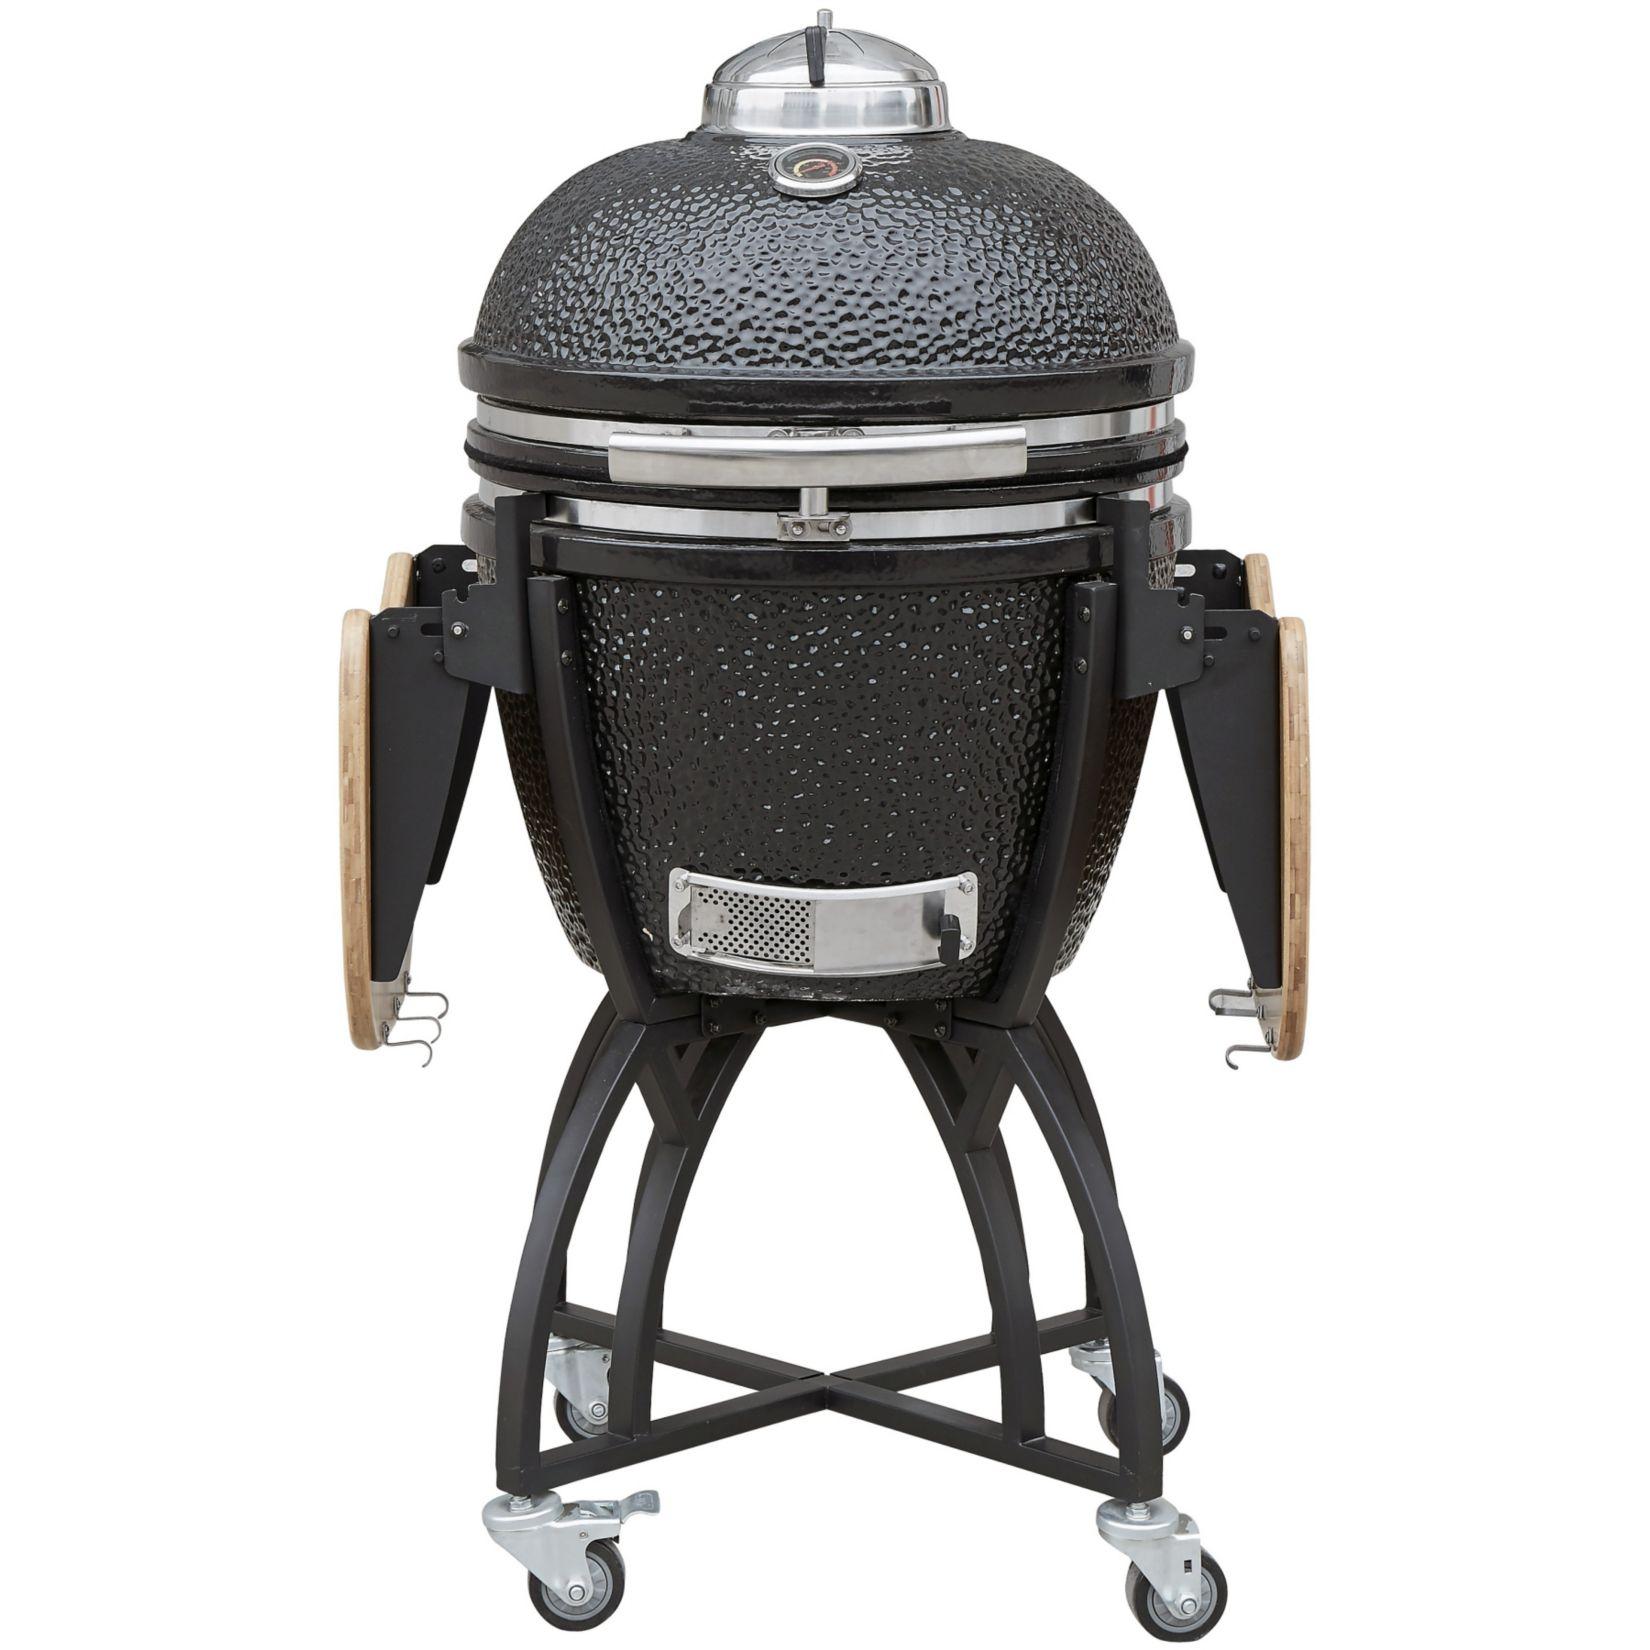 El Fuego Grill Kamado Keramik-Grill 560 G Bild 2